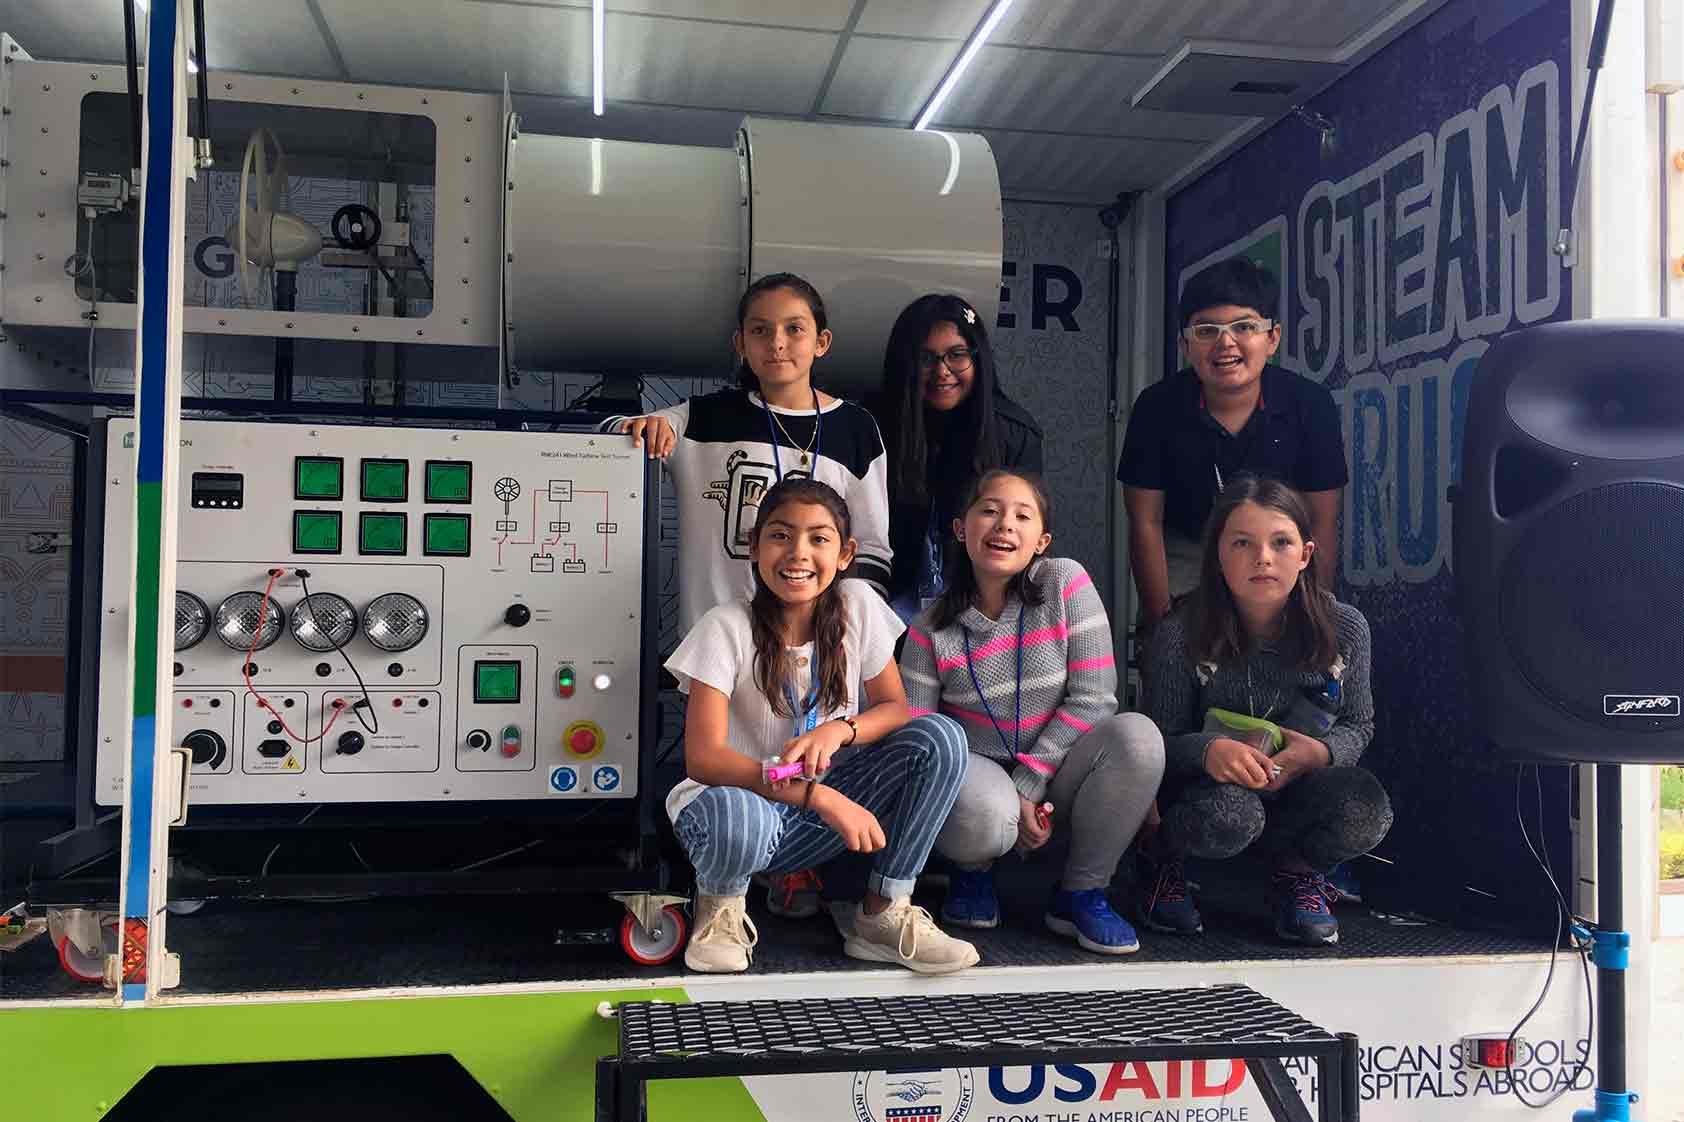 El Steam Truck visitó USAID para una increíble actividad